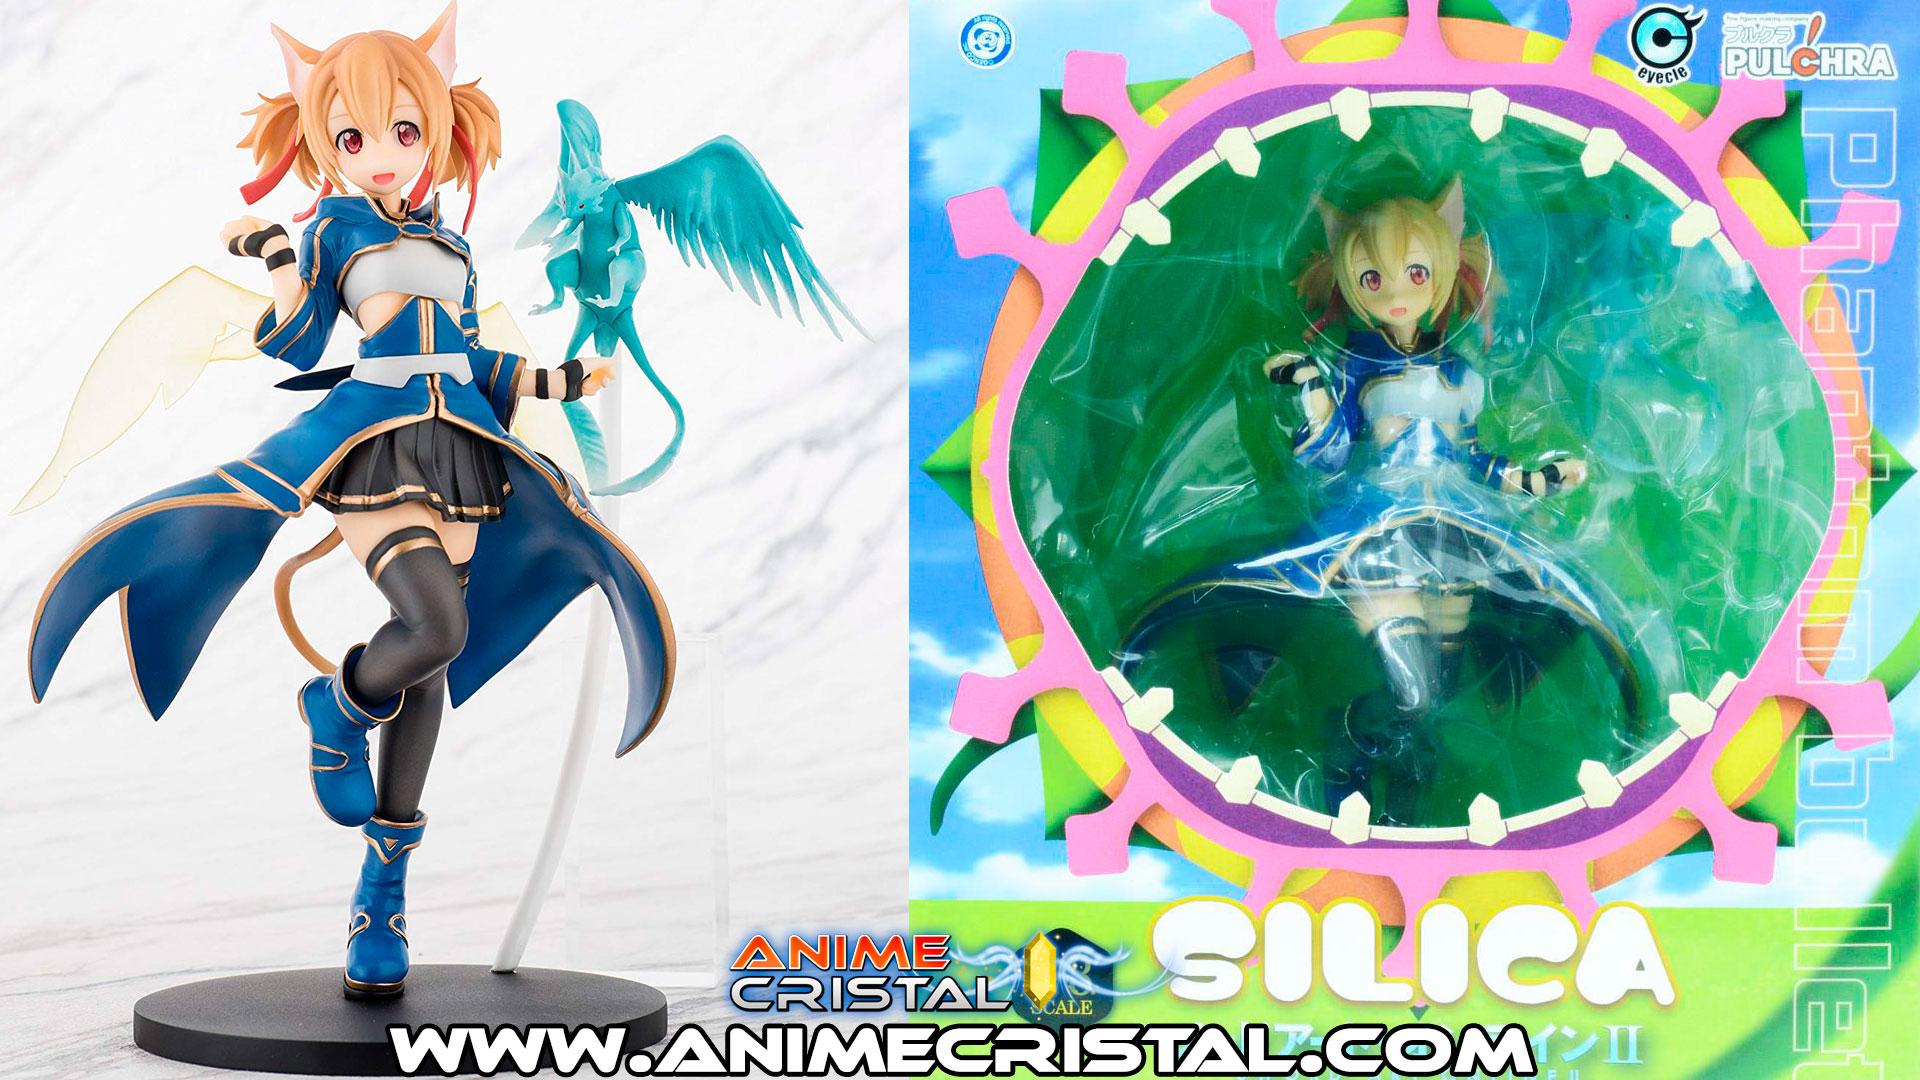 Sword Art Online II Figura Silica 20 cm